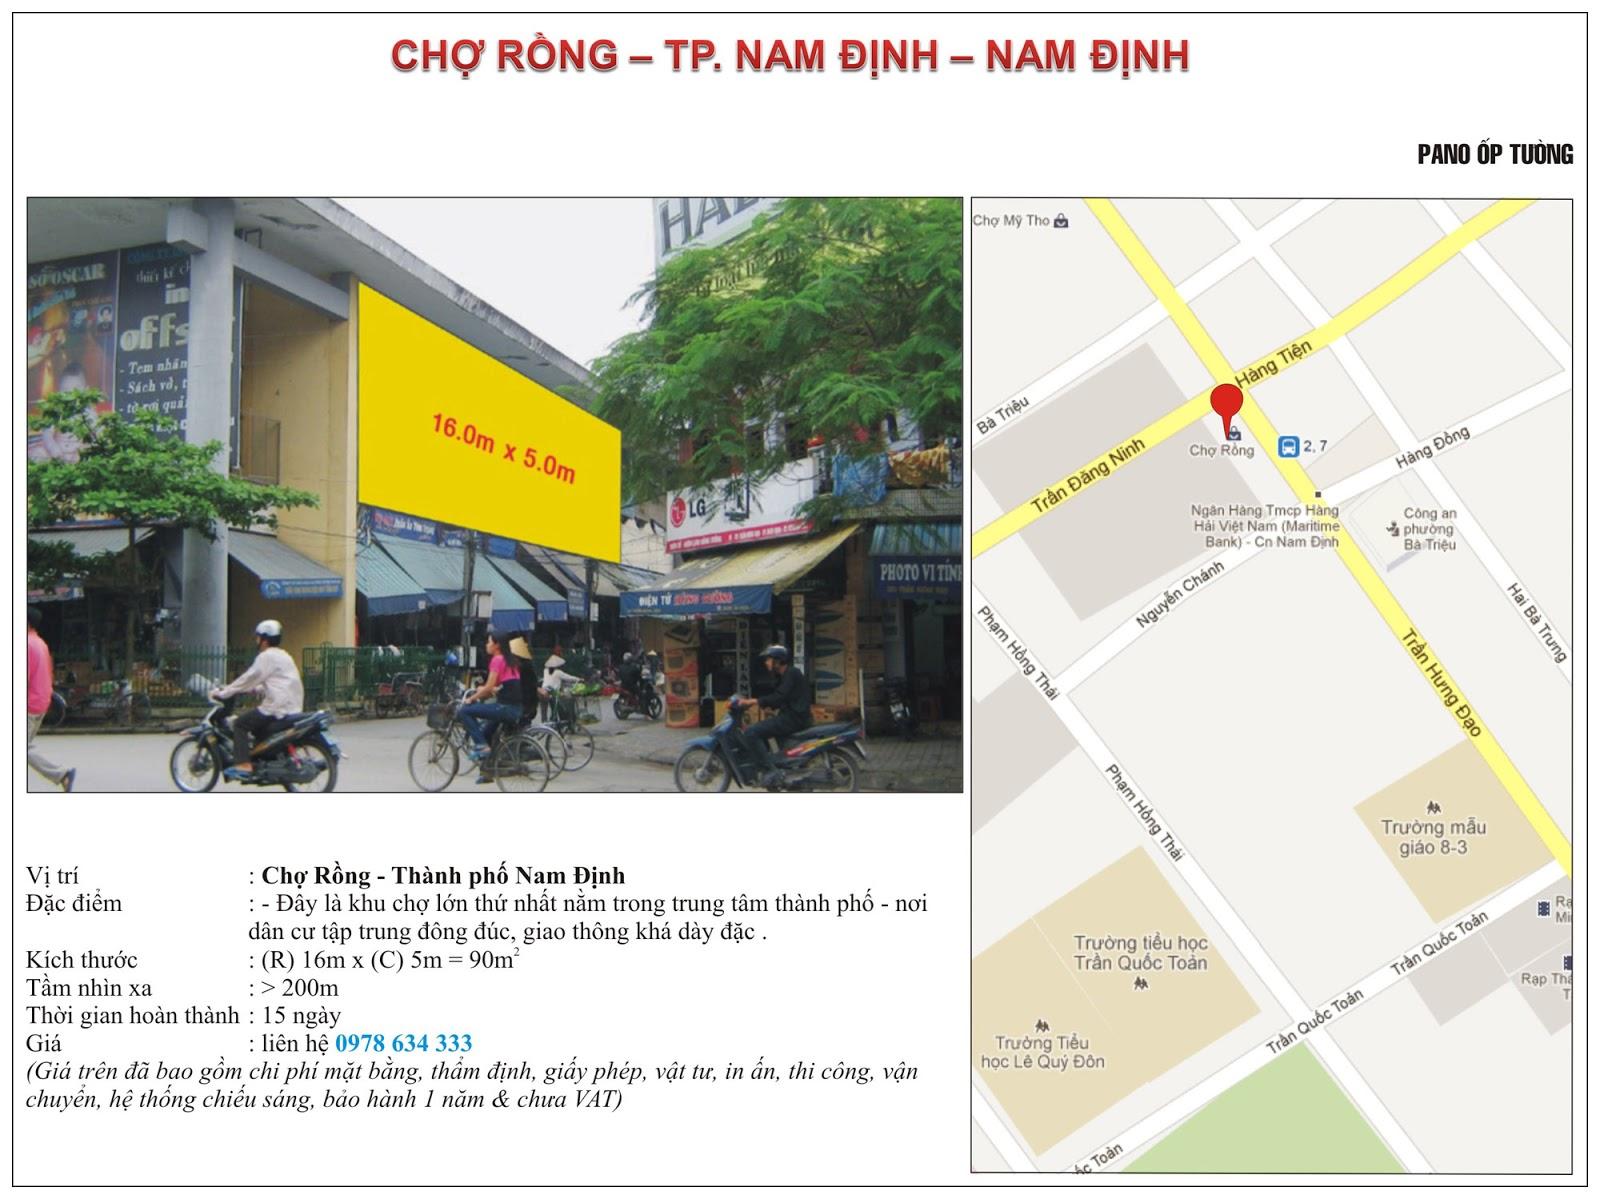 Quảng cáo tại chợ Rồng - Nam Định